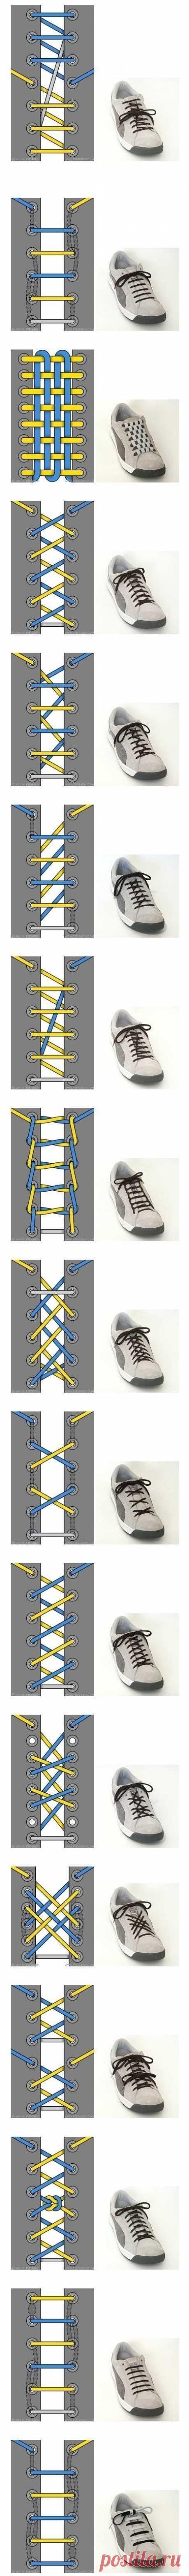 Вы умеете обращаться со шнурками? | Лучшее в интернете.